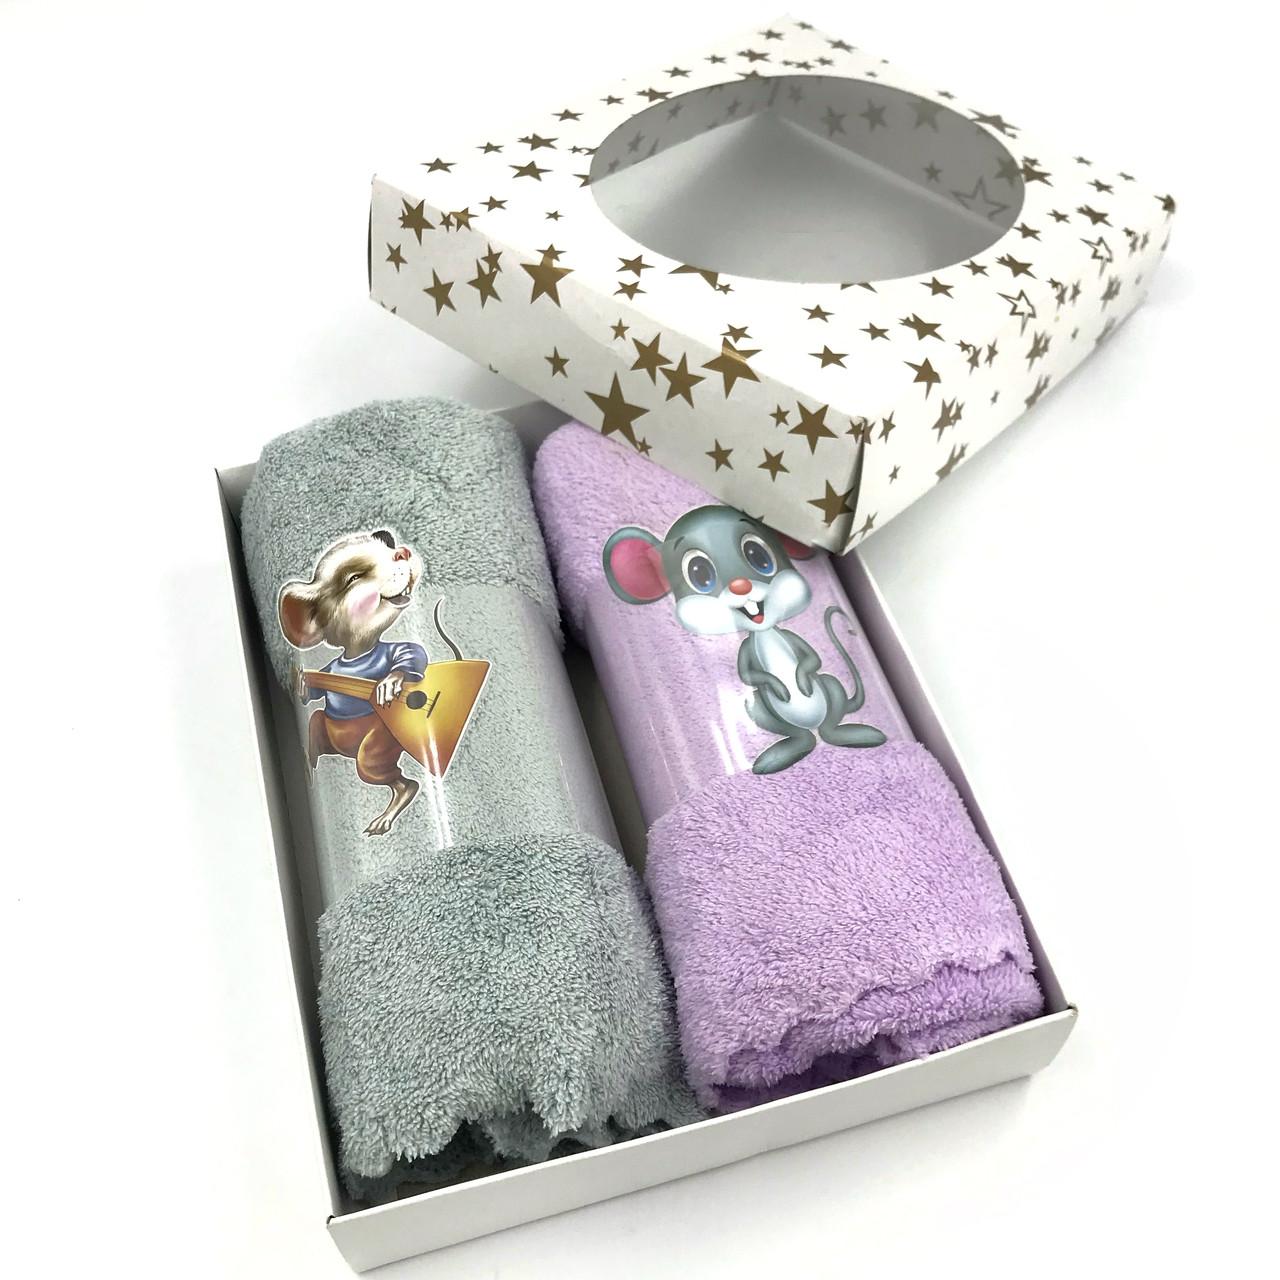 Подарочный набор полотенец  из микрофибры 30х80 Мышки (2шт) в коробке